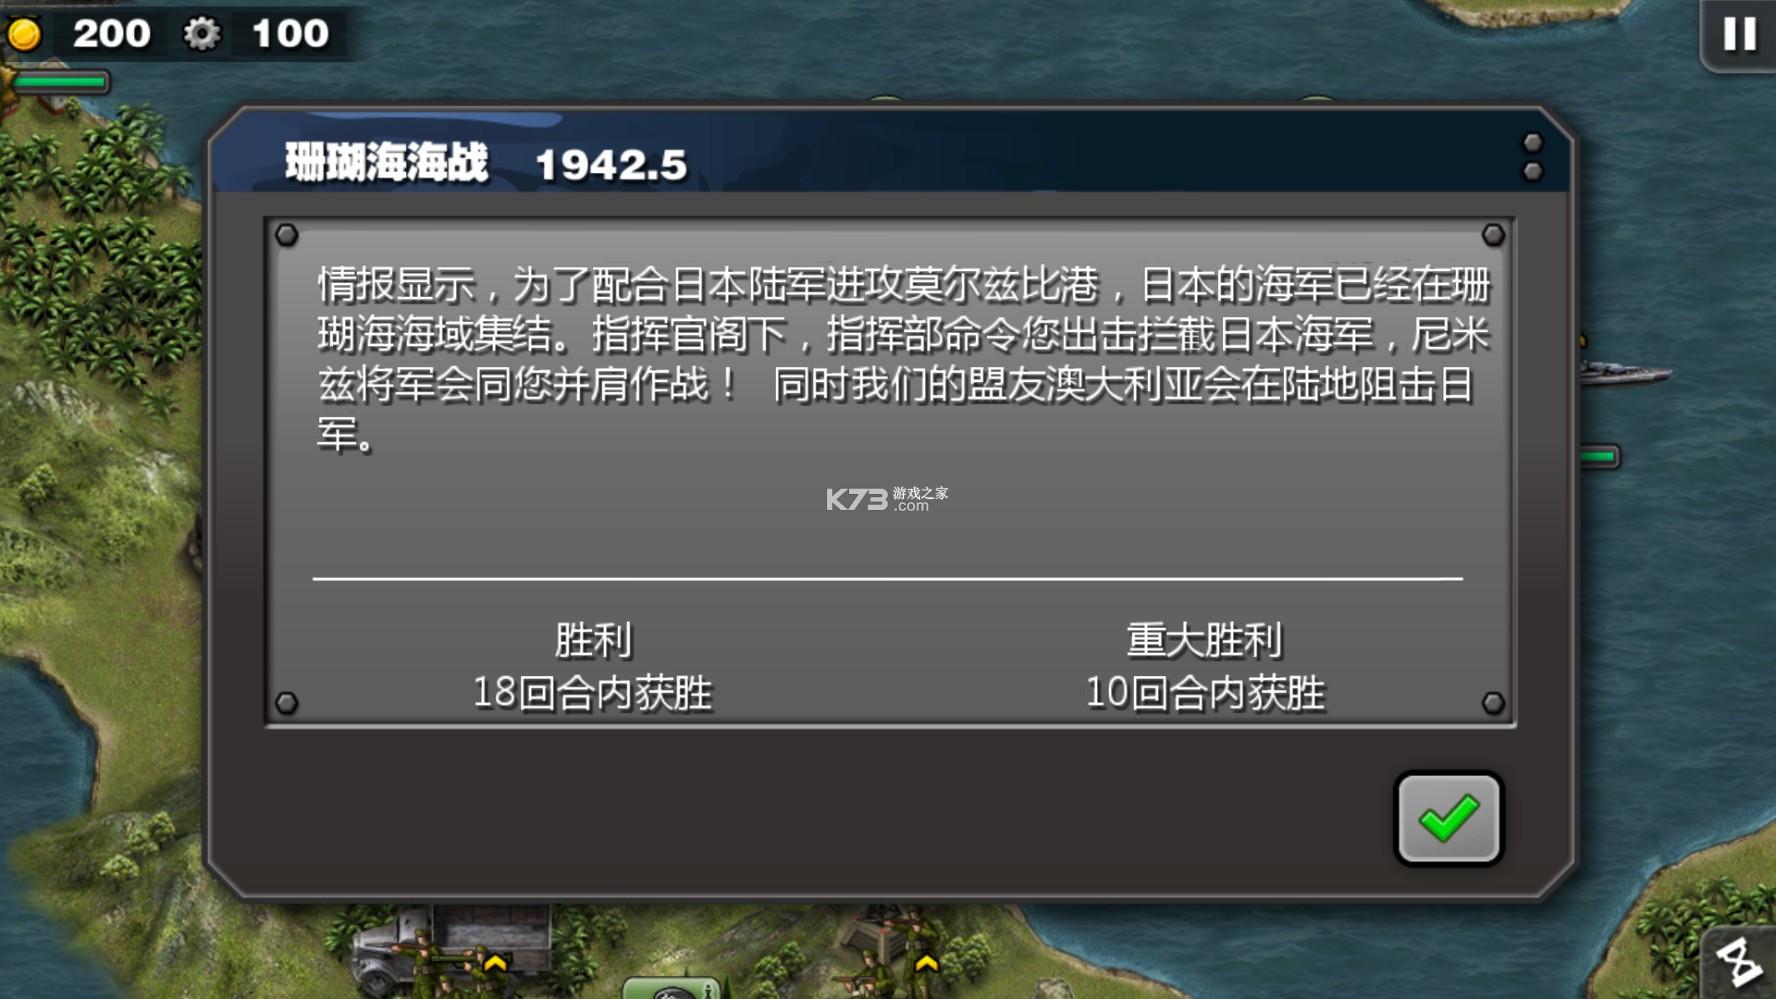 将军的荣耀太平洋战争 v1.3.10 破解版无限金币勋章 截图